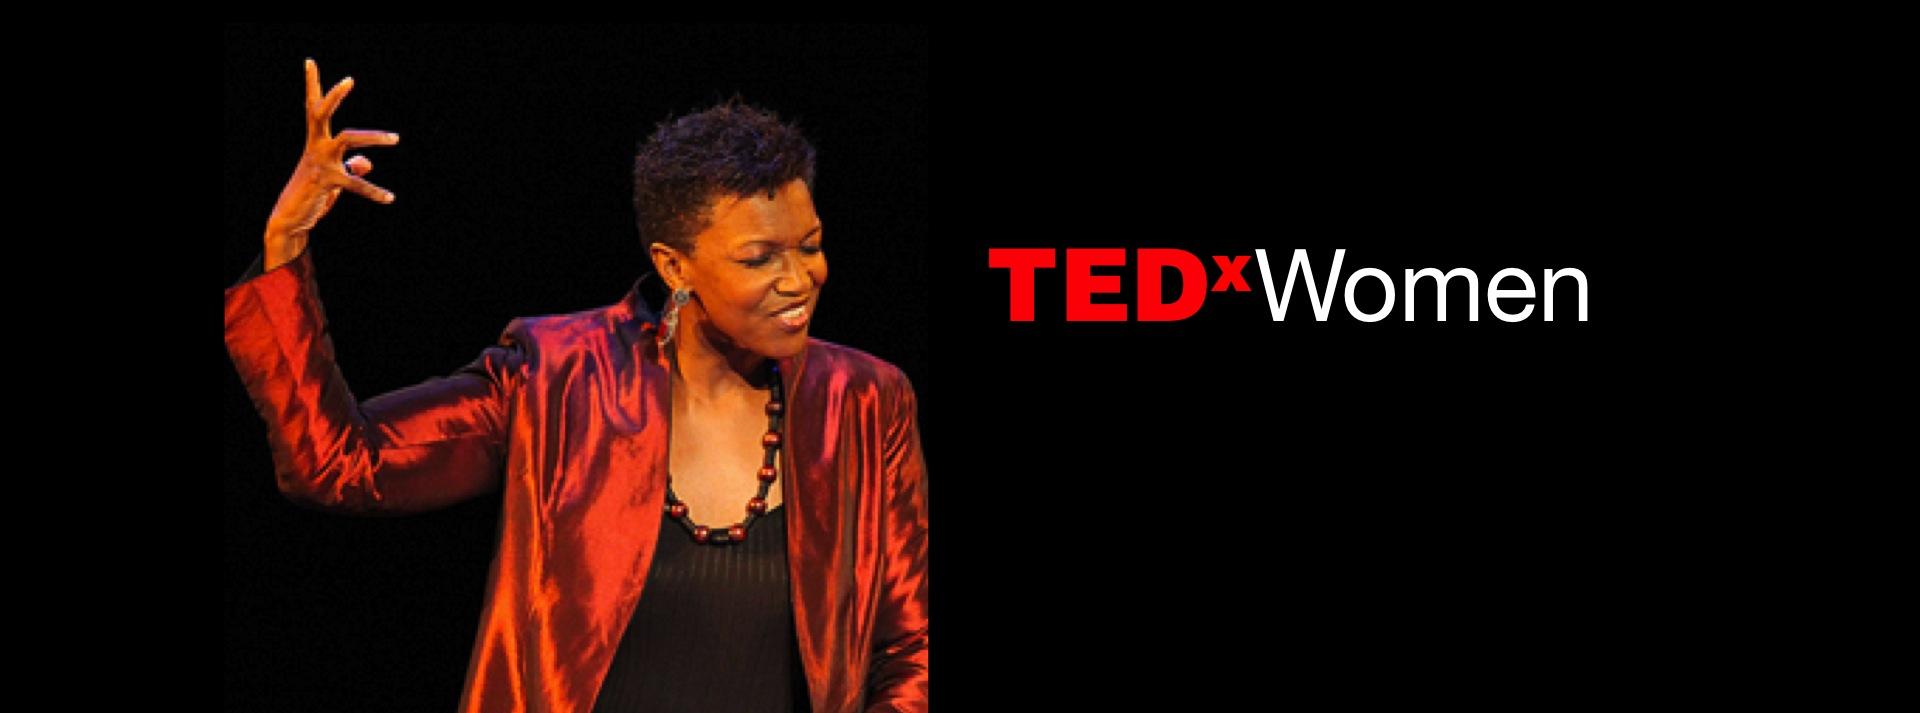 dec-2012-tedxwomen_1.jpg